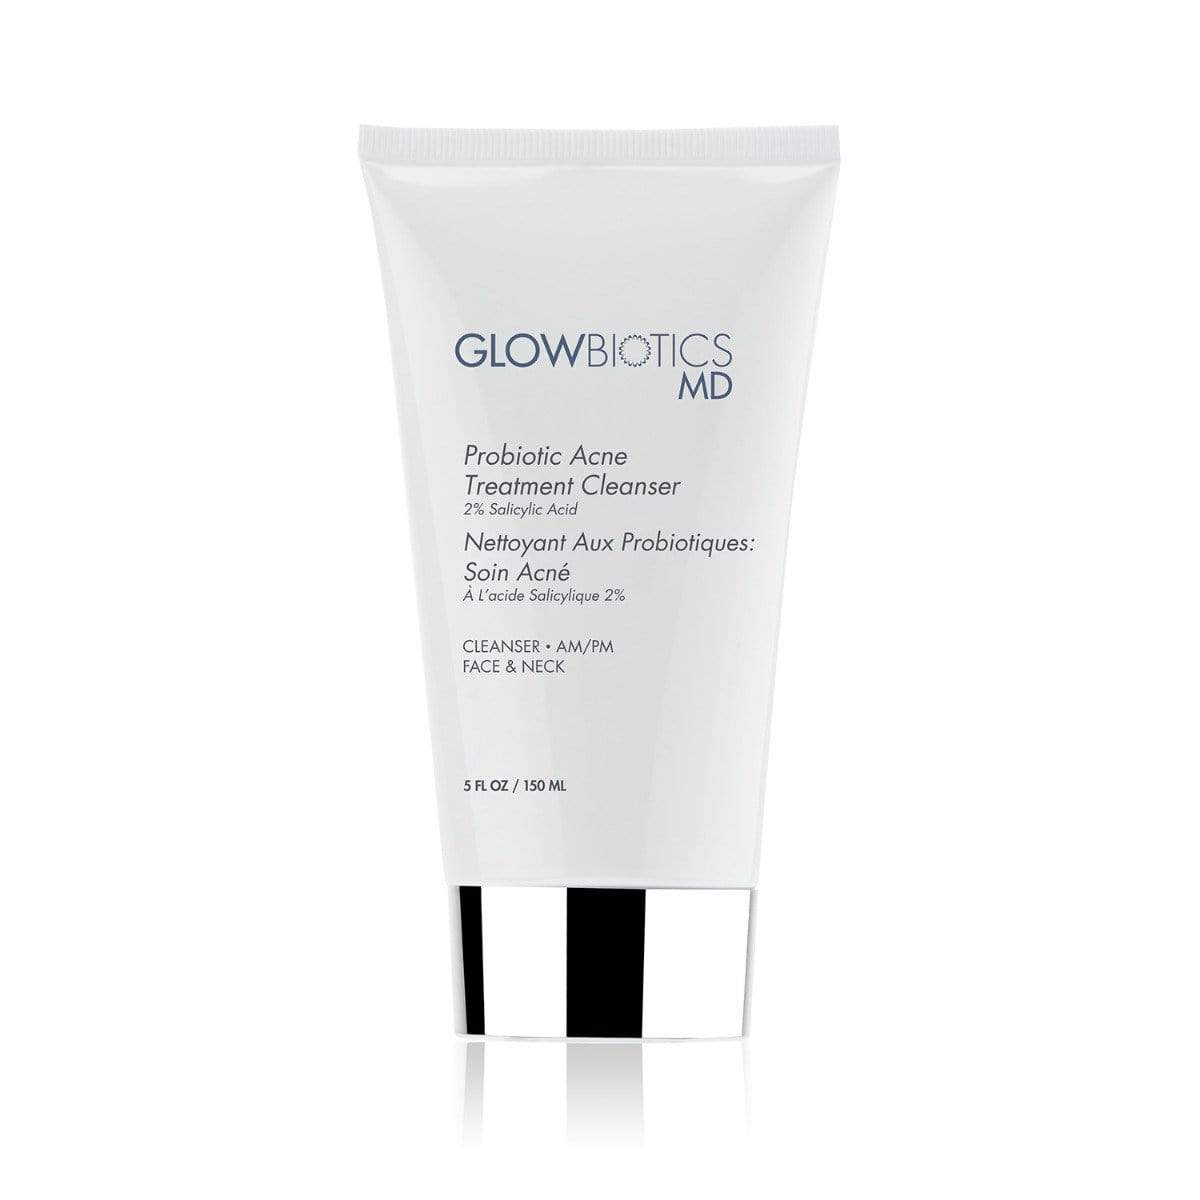 probiotic-acne-treatment-cleanser_2048x2